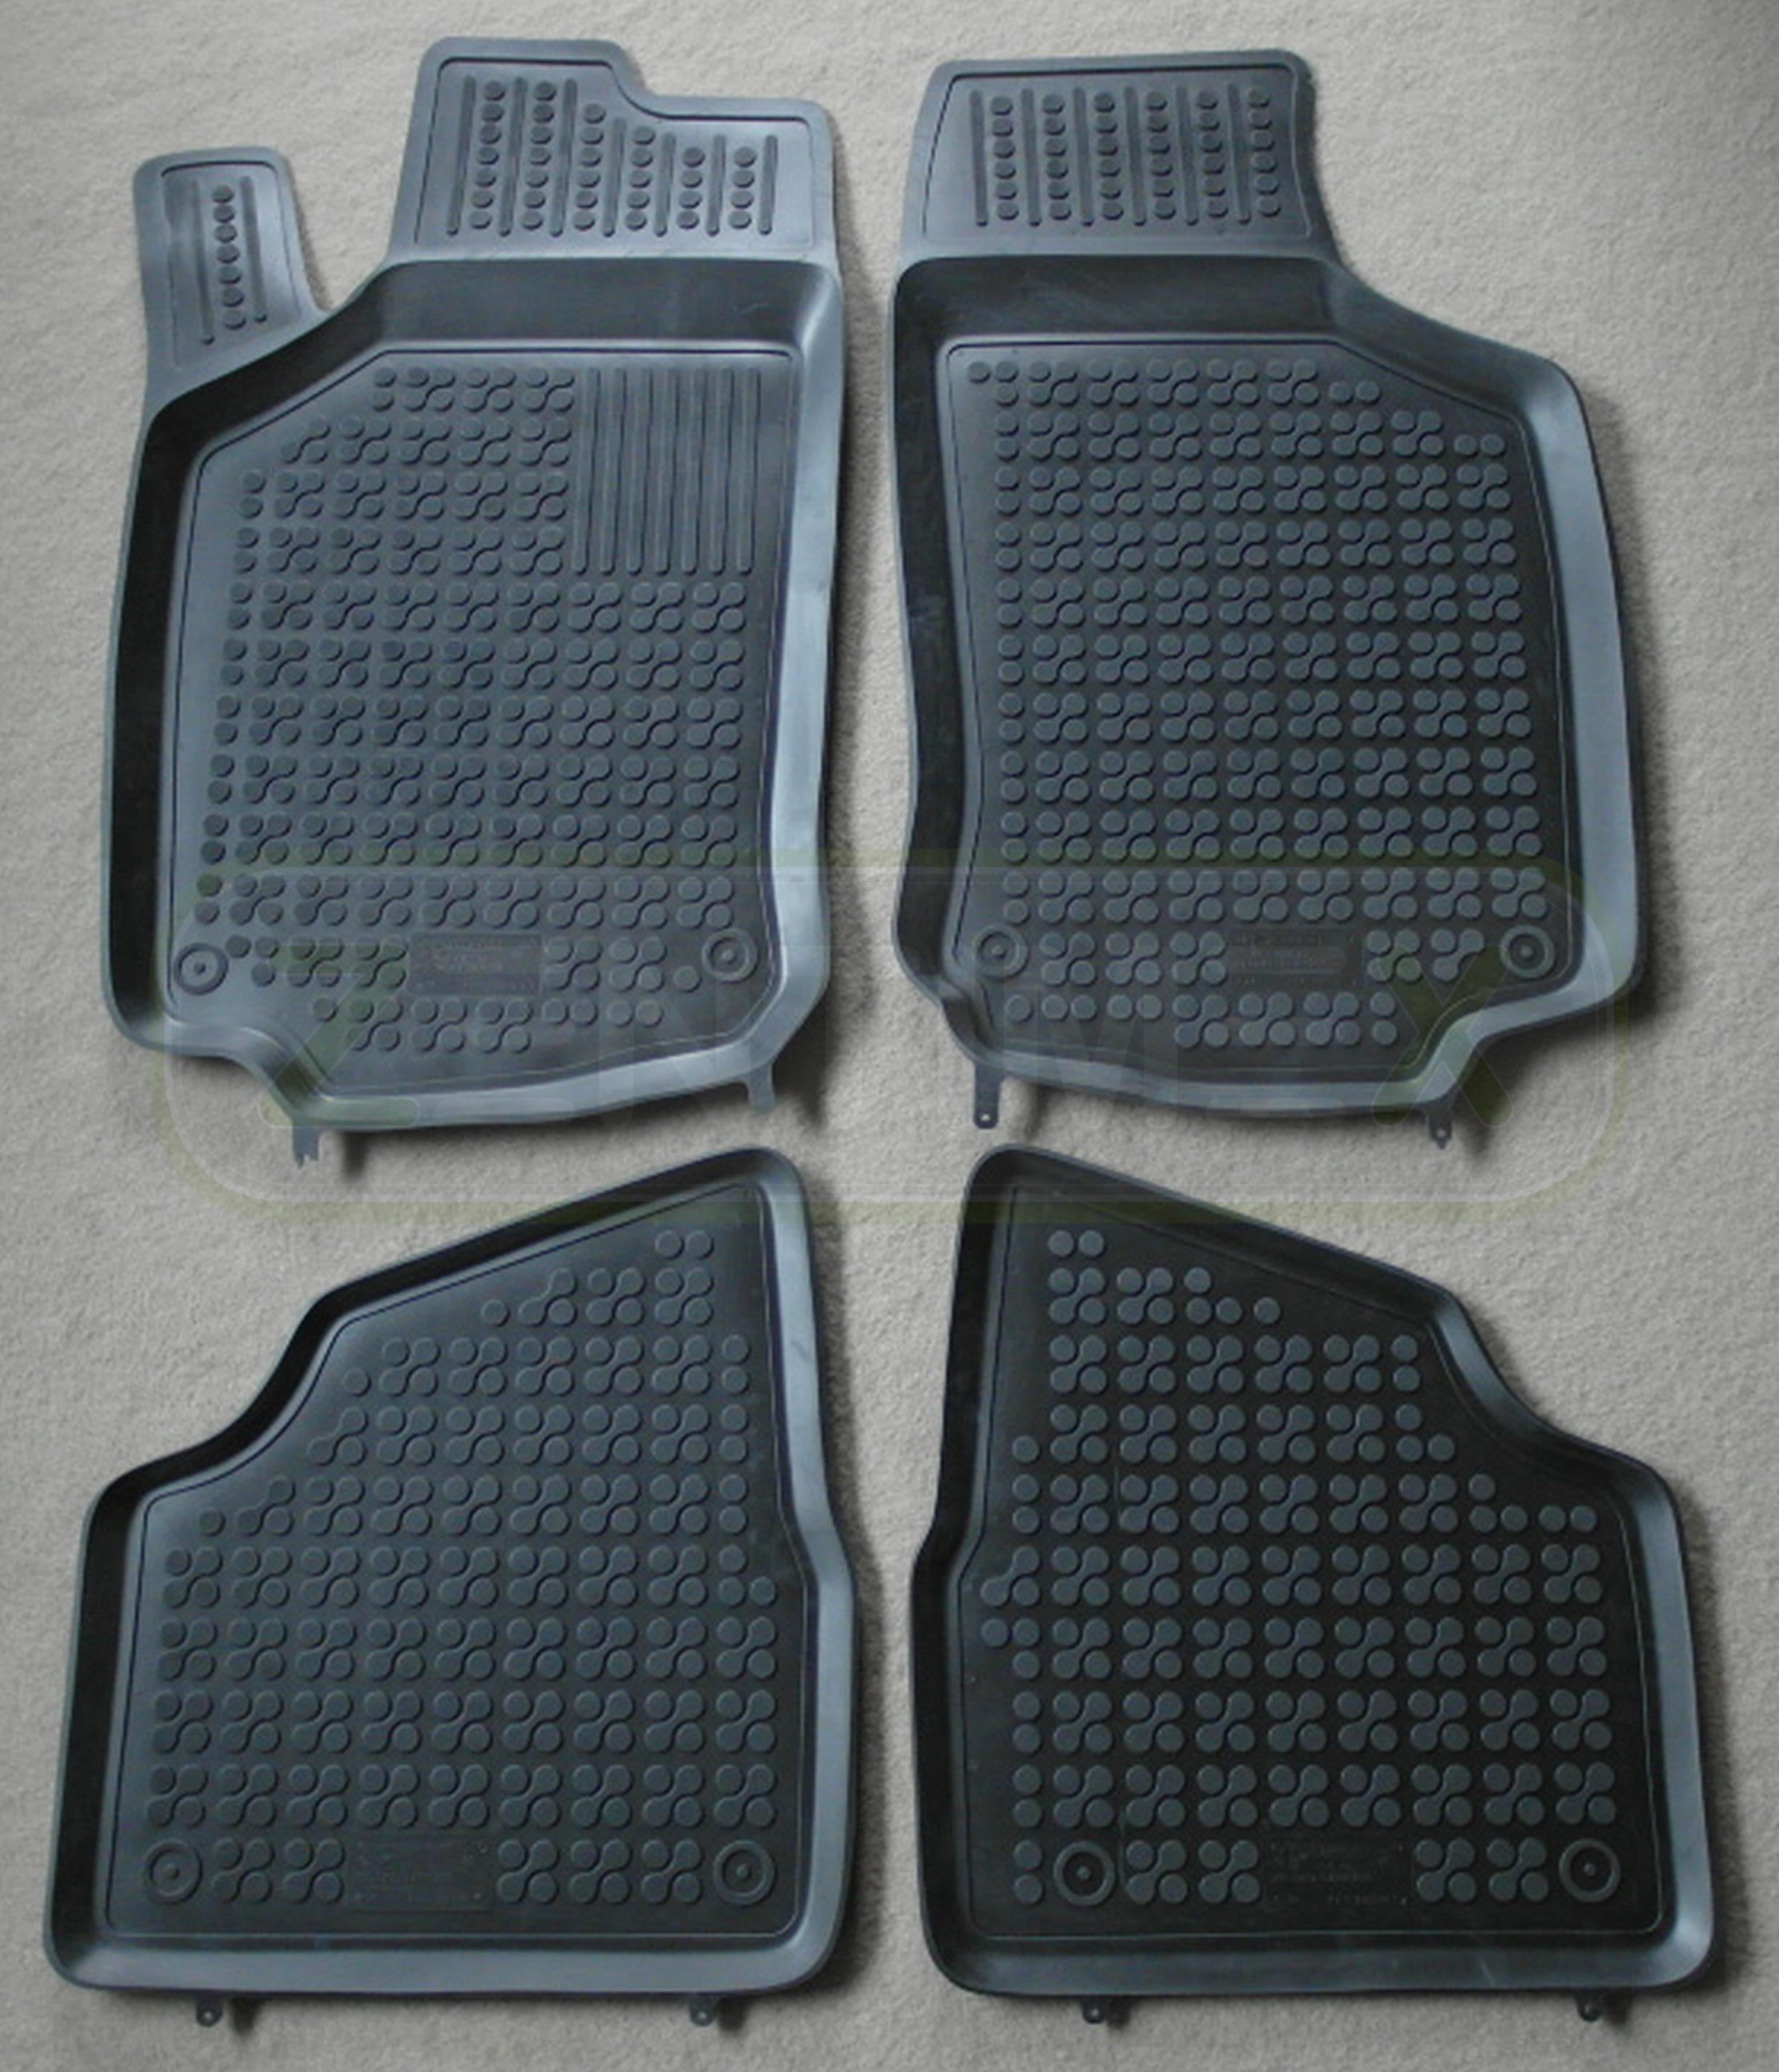 Fußmatten RAU Fussmatten ACTION schwarz für Ford Tourneo Kombi Connect Bj 03/03-02/07 Innenausstattung